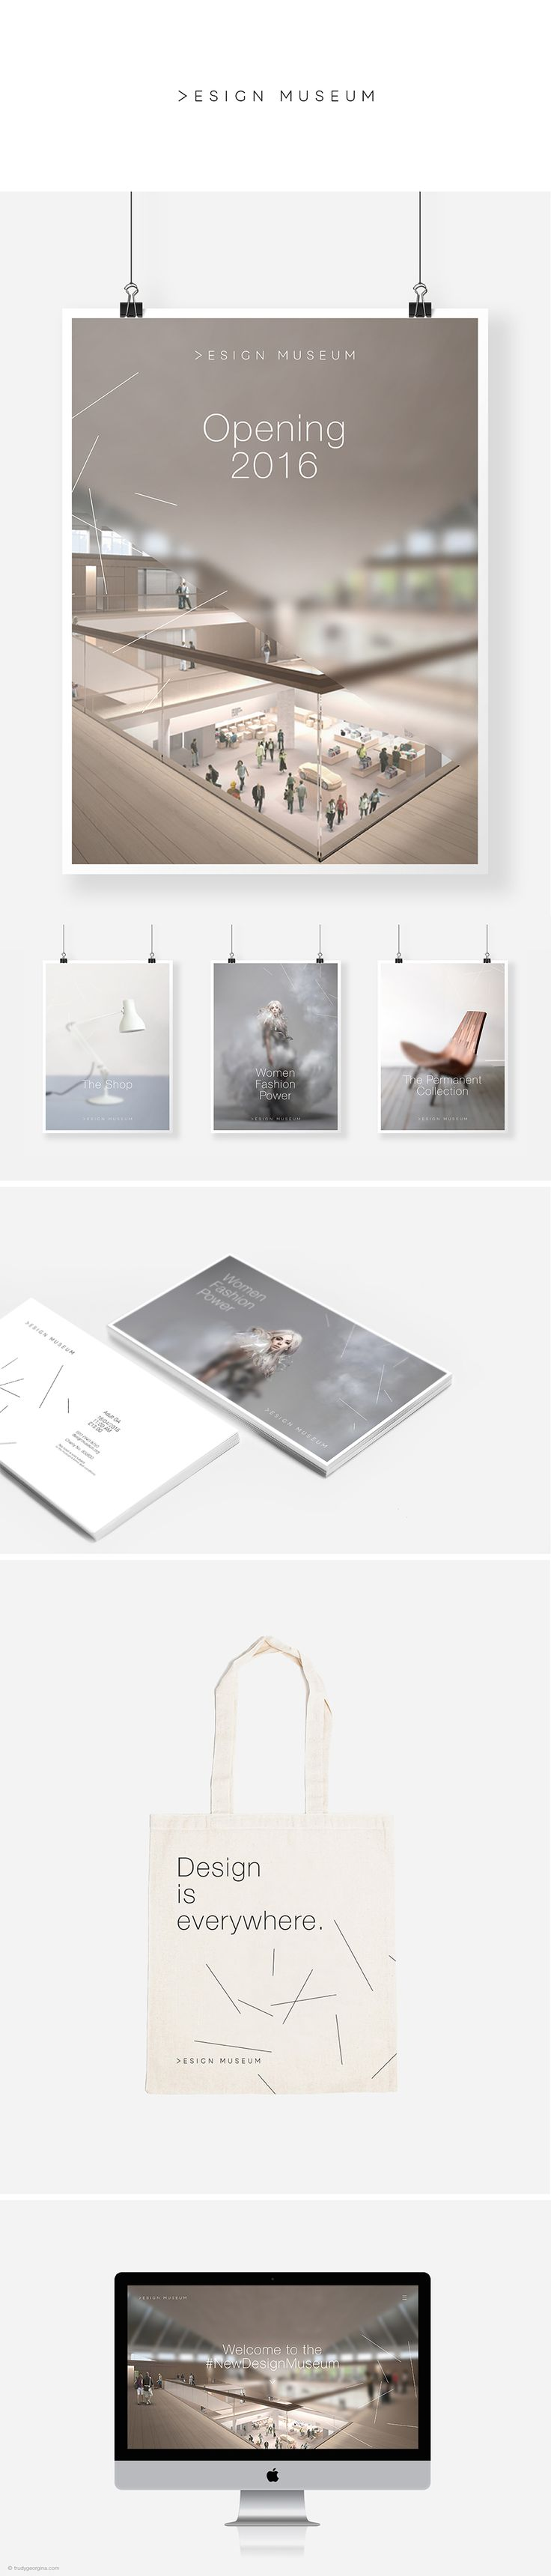 ISTD Design Museum | trudygeorgina.com